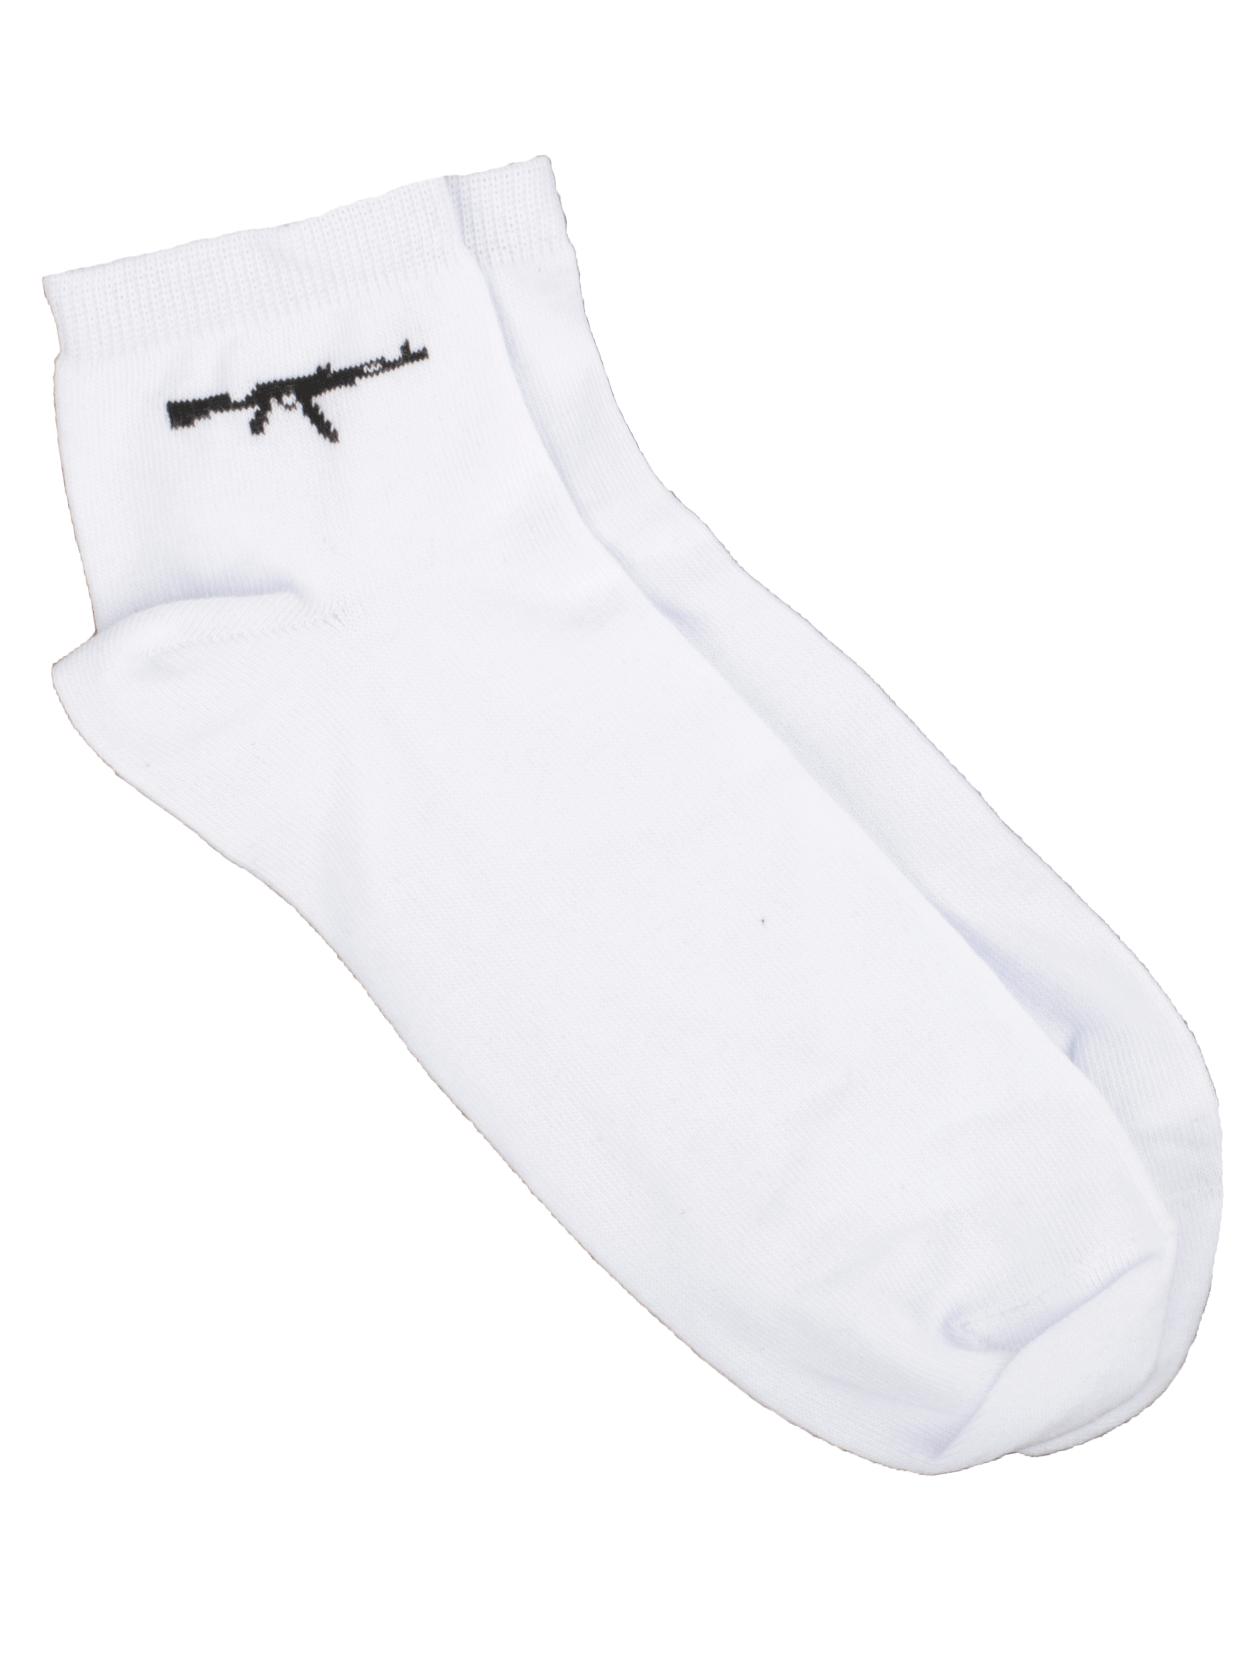 Носки унисекс GUNПрактичные и стильные носки унисекс Gun из коллекции Black Star Wear. Модель традиционного дизайна с коротким голенищем, оформленным высококачественной эластичной вставкой. Базовая черная расцветка подходит для каждодневного использования и сочетается с любой обувью. Дизайн дополнен эффектным принтом с автоматом по бокам. Носки сшиты из натурального хлопка премиального качества, обладают высокой износостойкостью. В комплекте представлены две пары.&amp;nbsp;<br><br>Размер: 41/42<br>Цвет: Белый<br>Пол: Унисекс